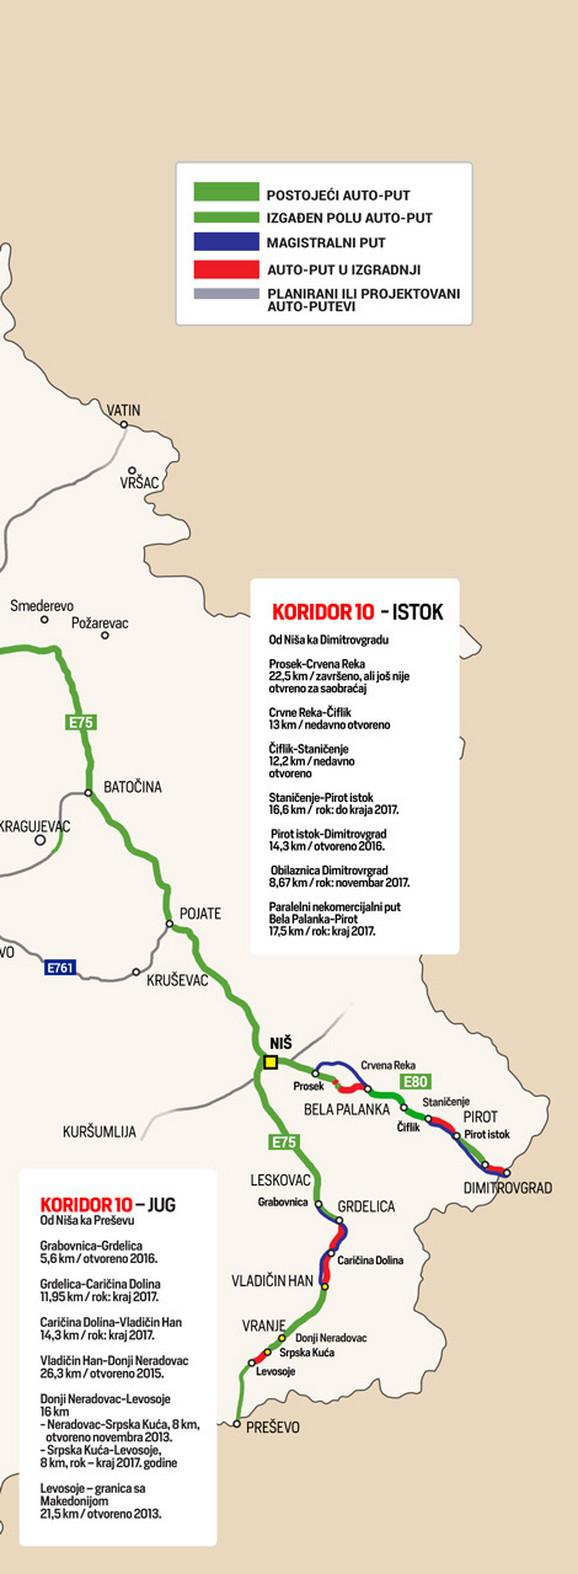 koridor 10 mapa NAJNOVIJA DETALJNA MAPA SRPSKIH AUTOPUTEVA Evo koji su delovi  koridor 10 mapa